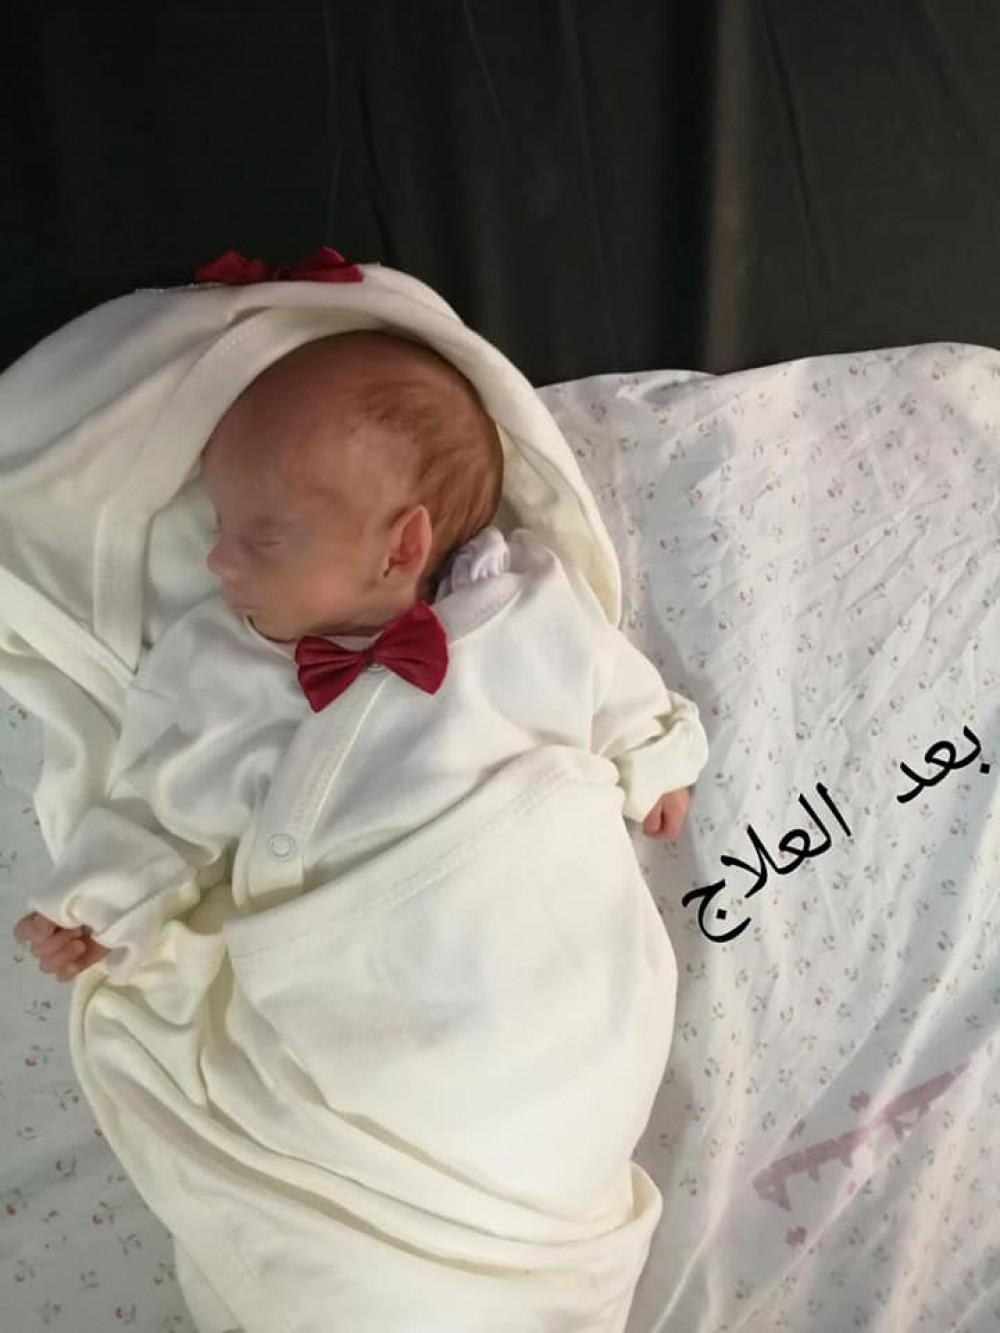 مستشفى ناصر الطبي تتعامل مع طفل حديث الولادة أقل من كيلو